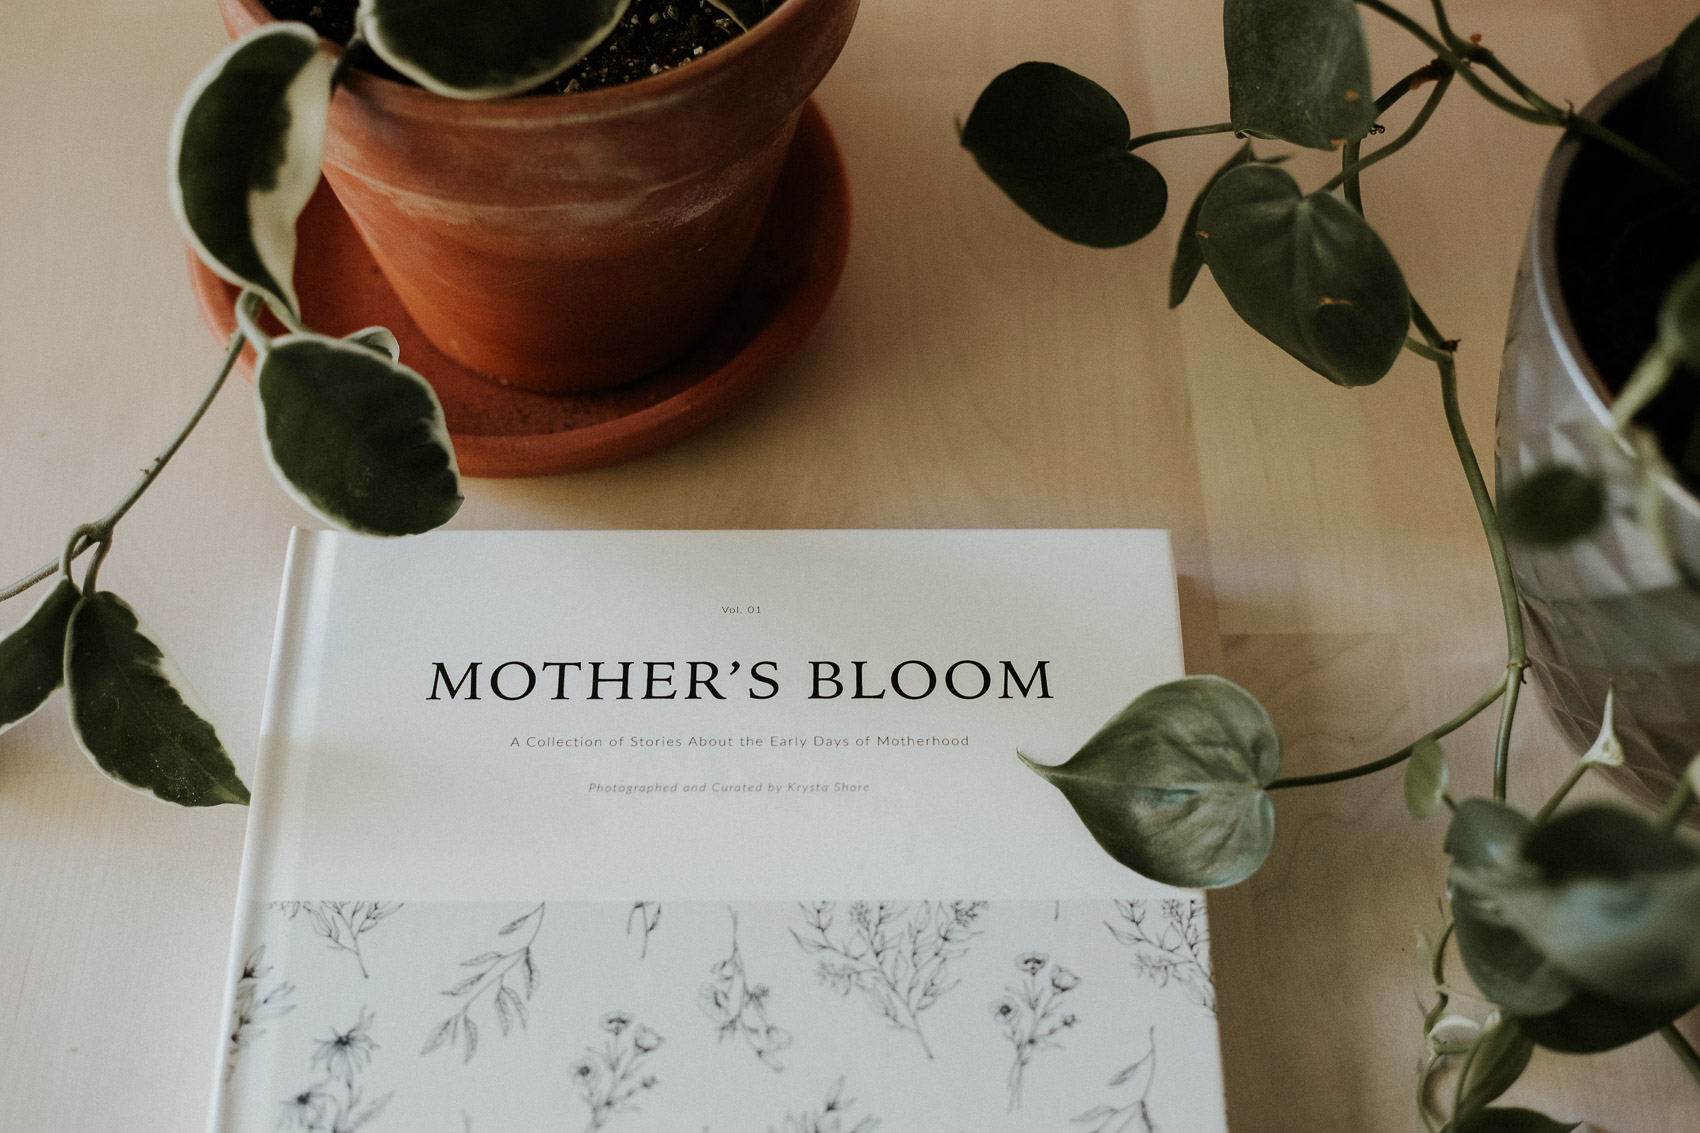 MothersBloomPromo-wr-6.jpg